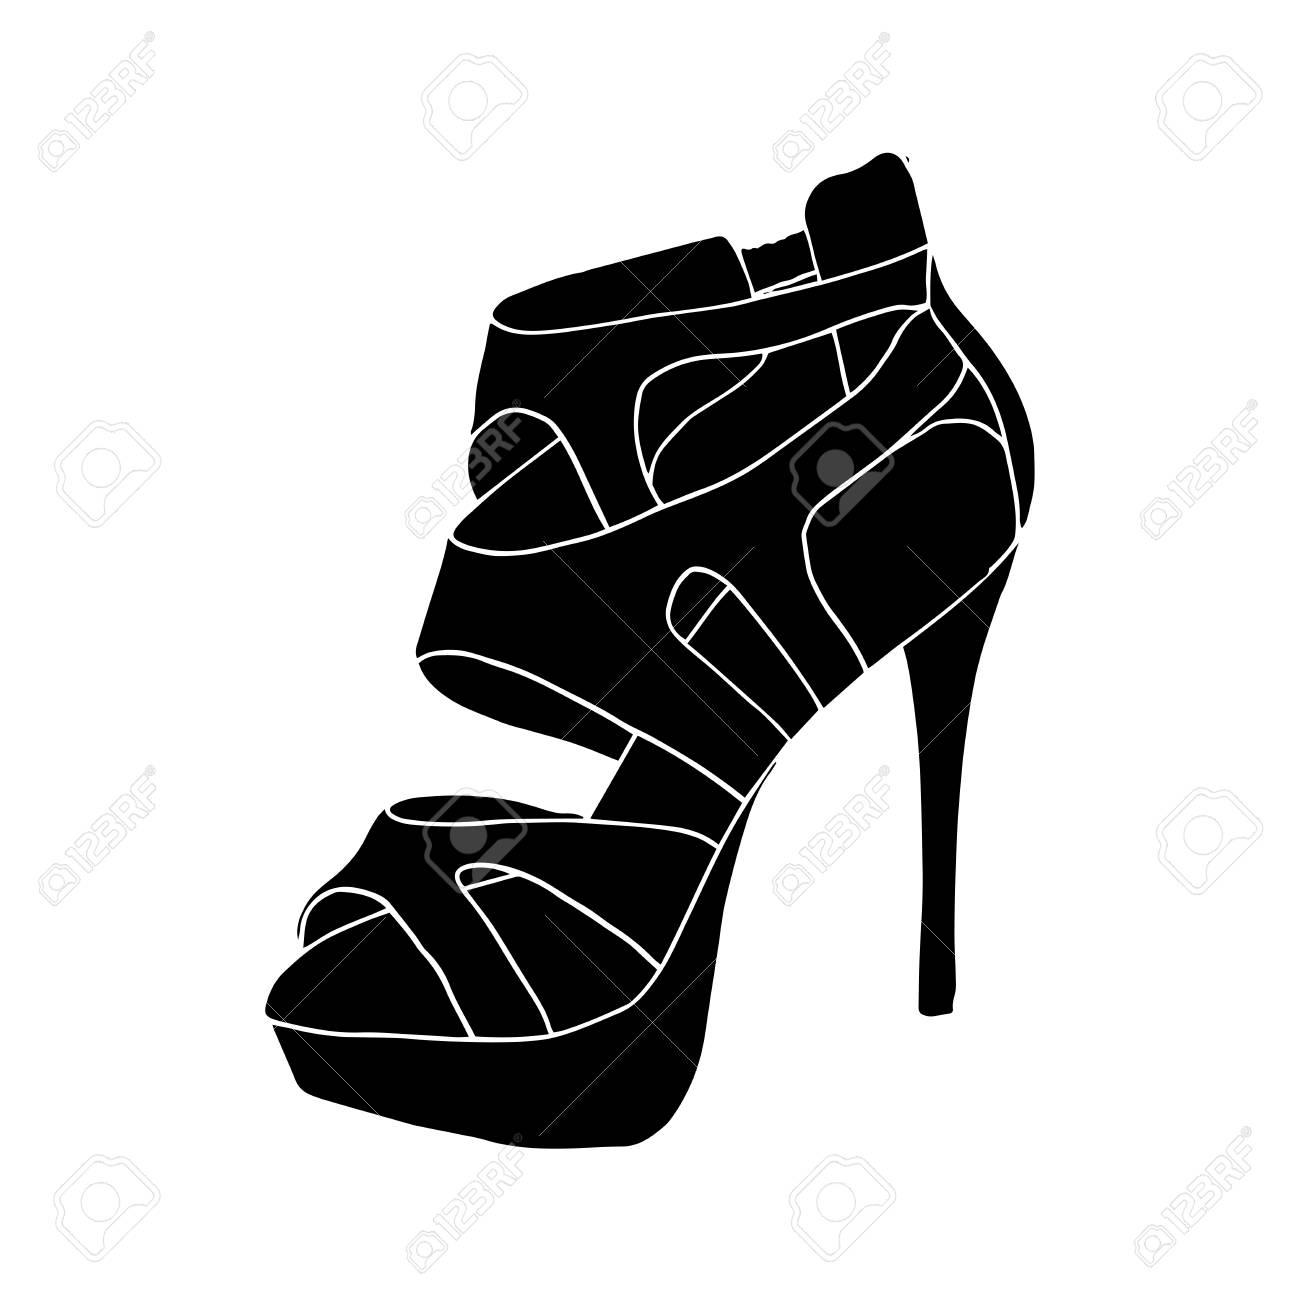 46e4bf453e2 Foto de archivo - Zapatos de tacón alto negro para mujer. Calzado de moda  de arte. Clipart aislado para diseño de páginas de libro para colorear